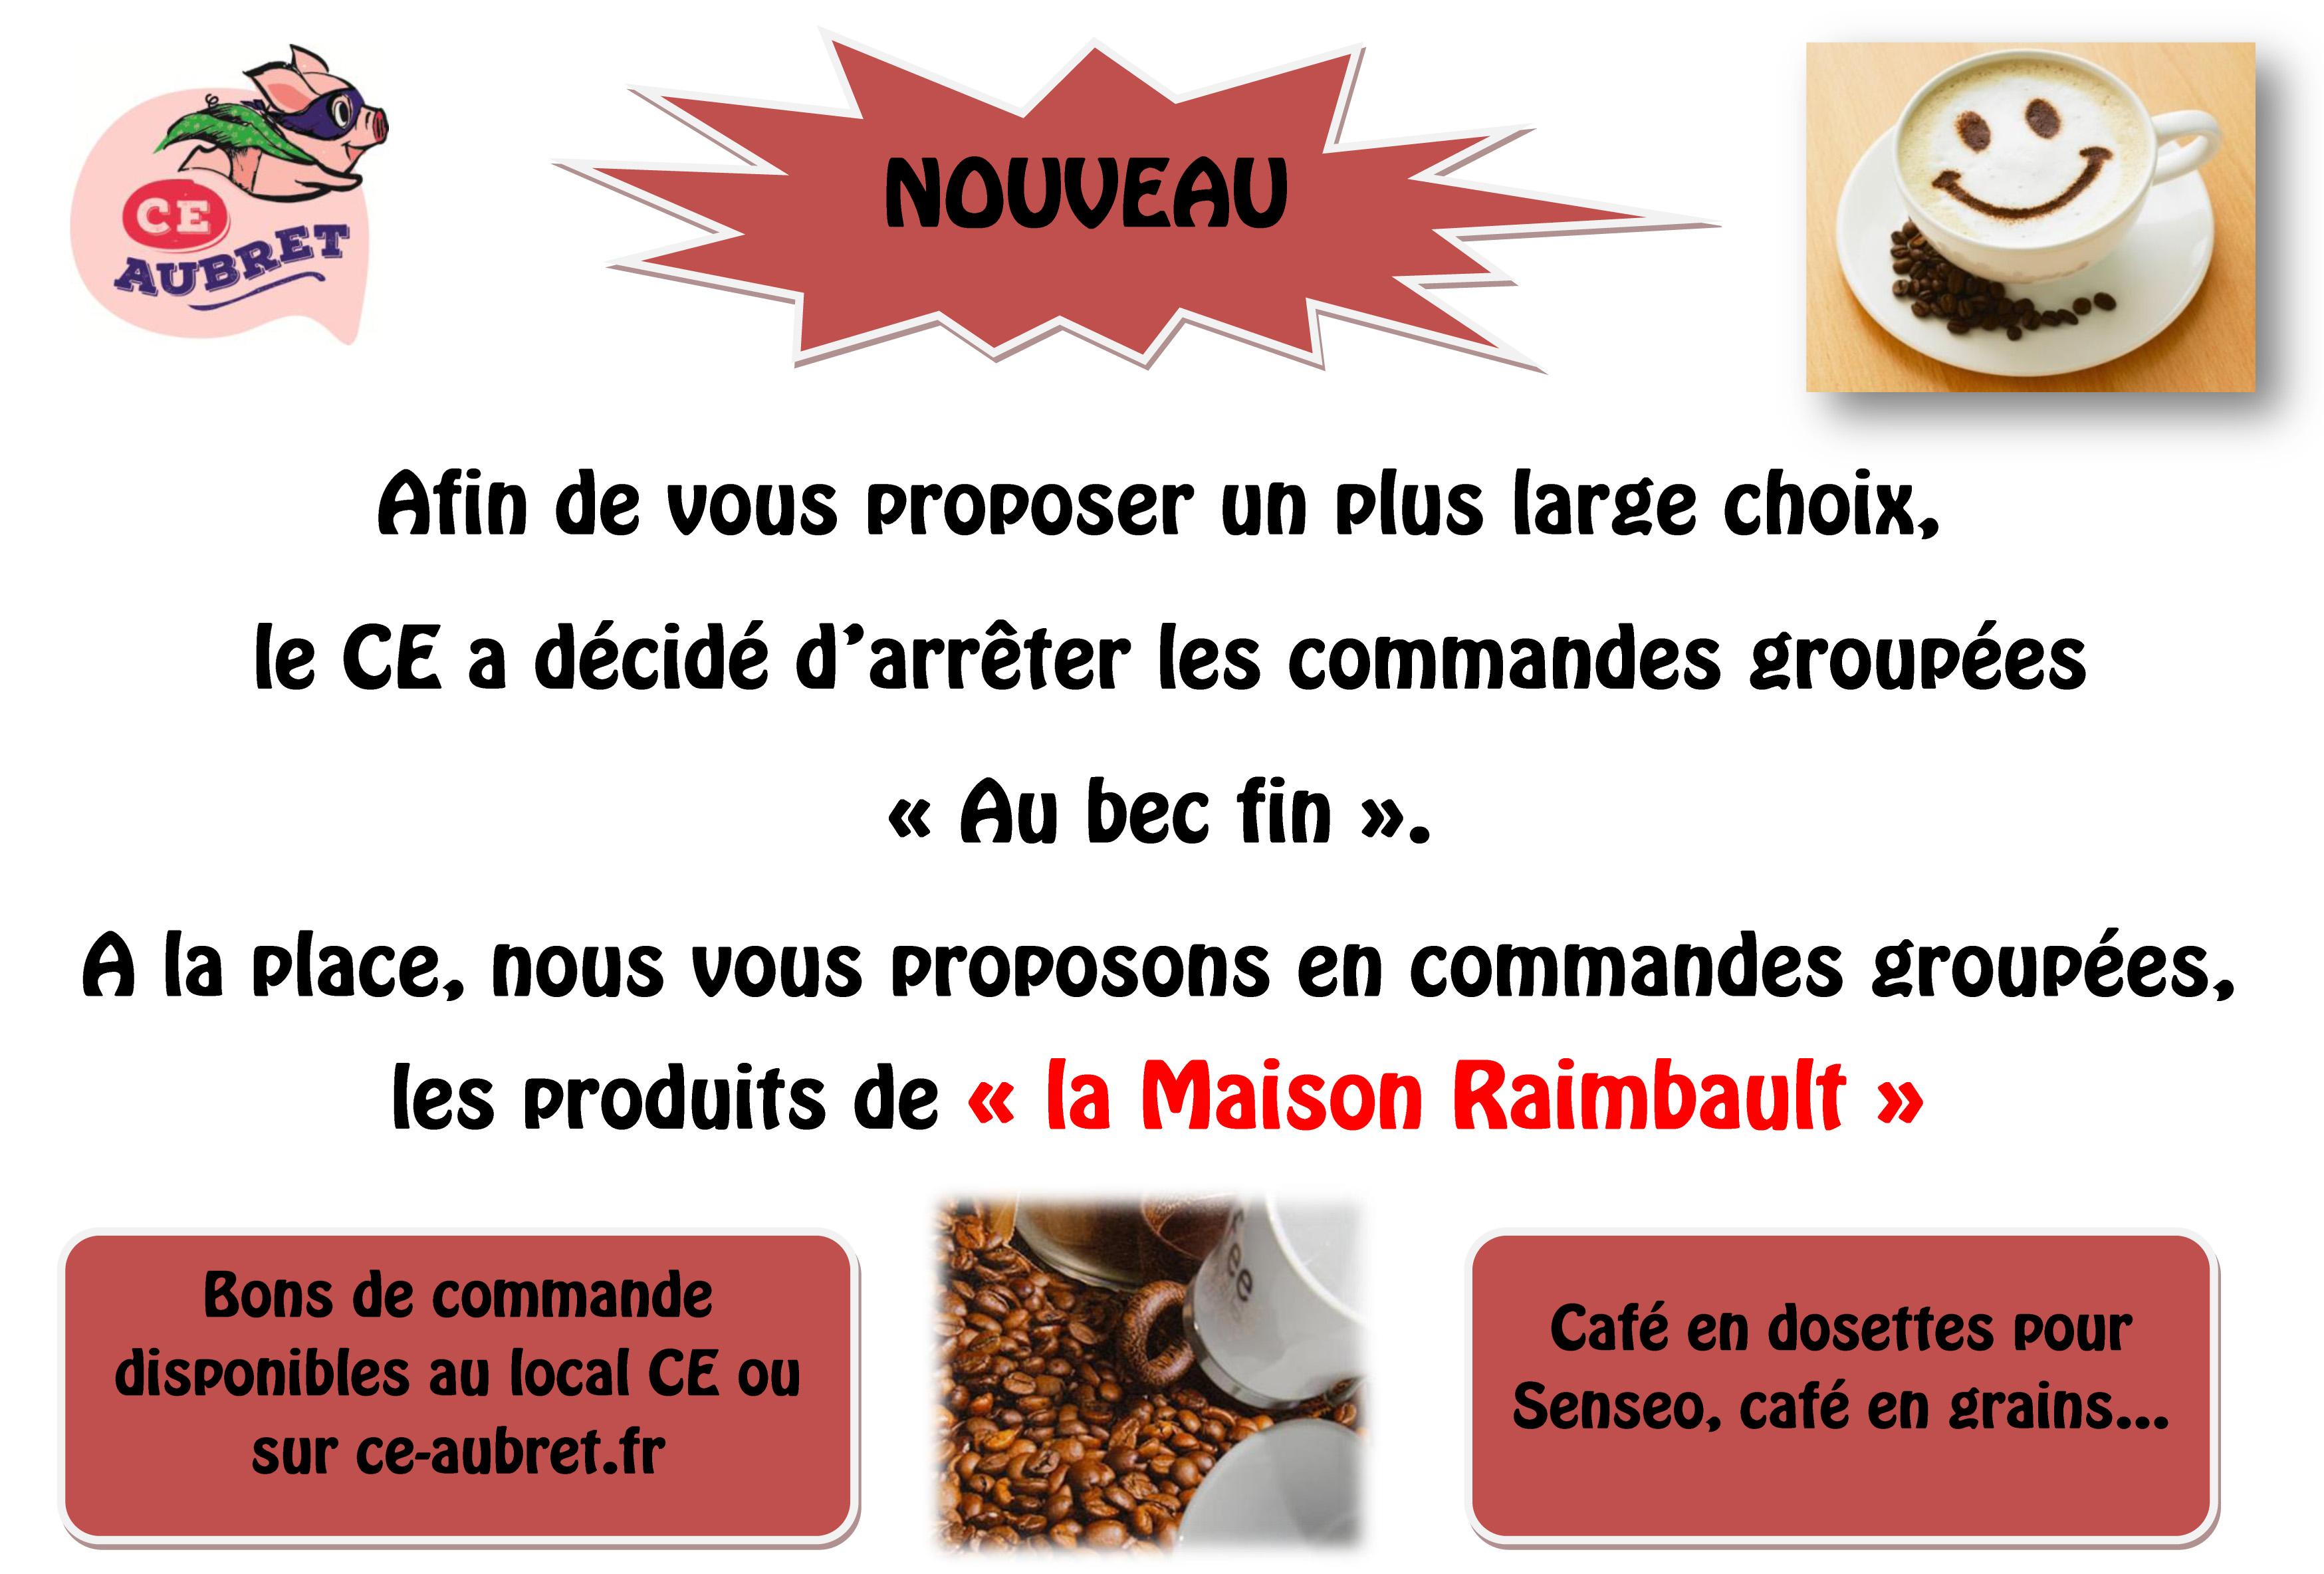 Affiche café raimbault